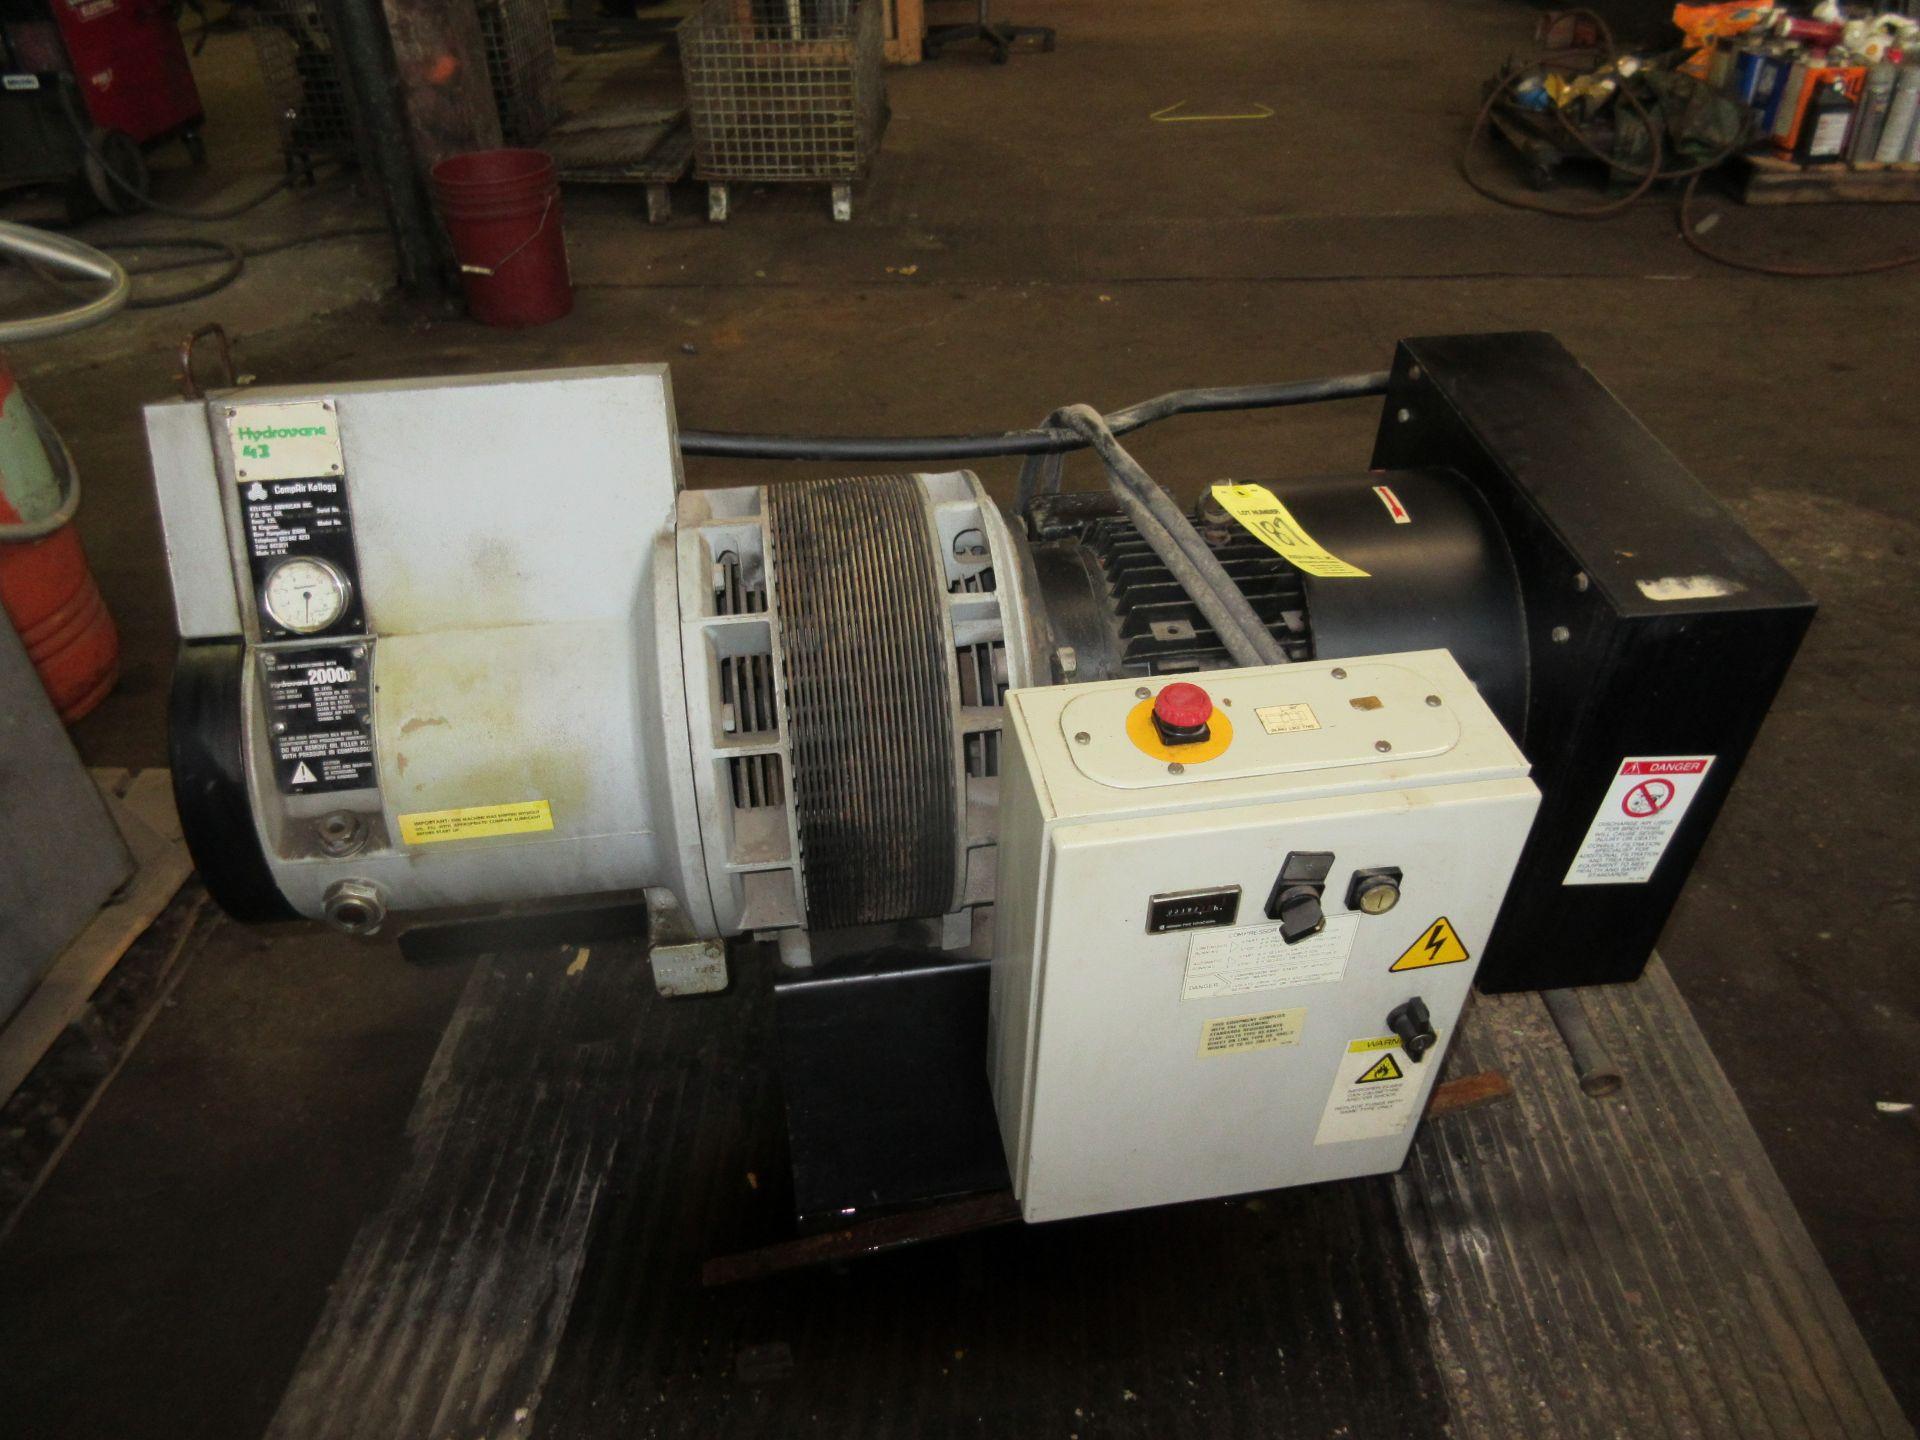 (1) Hydrovane 43 Rotary Screw Compressor M/N 043K10.108 S/N 8710.12HV643007/1/1